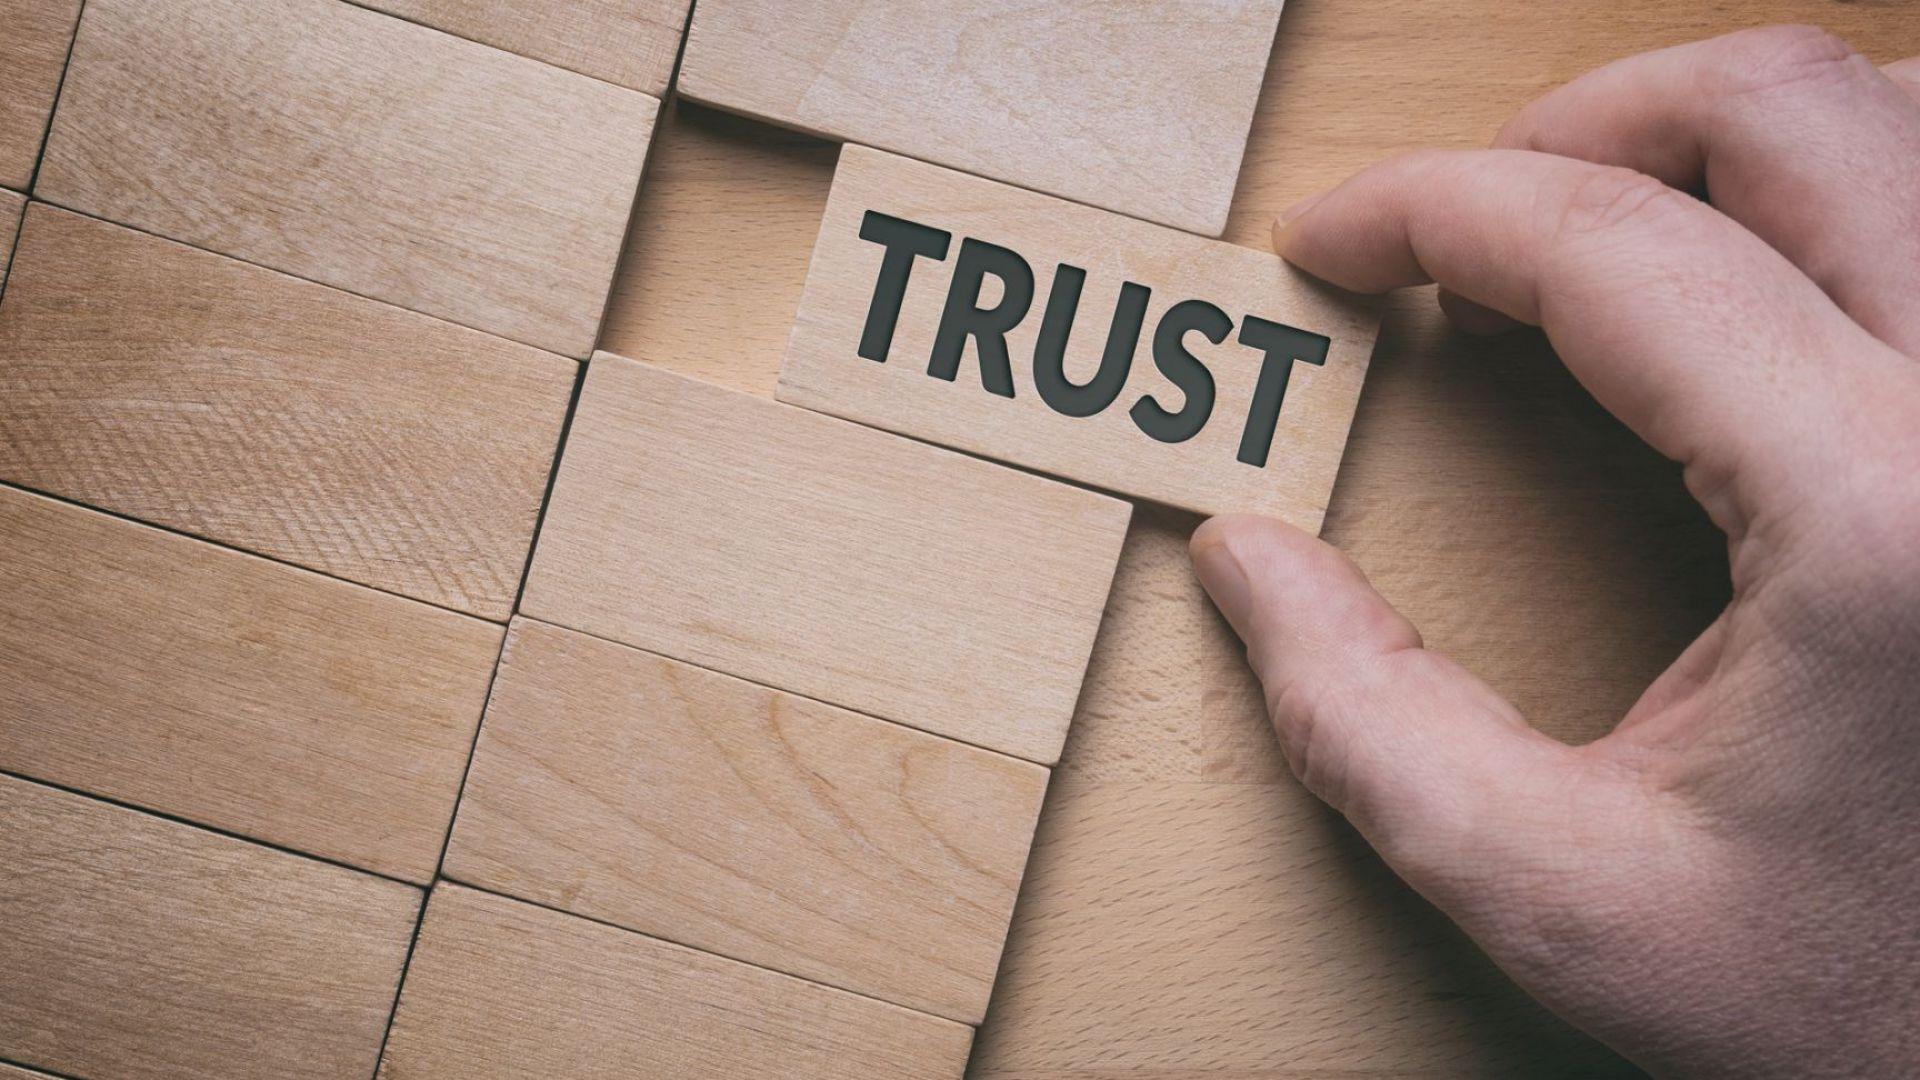 Проучване установи спад в доверието на хората в банките